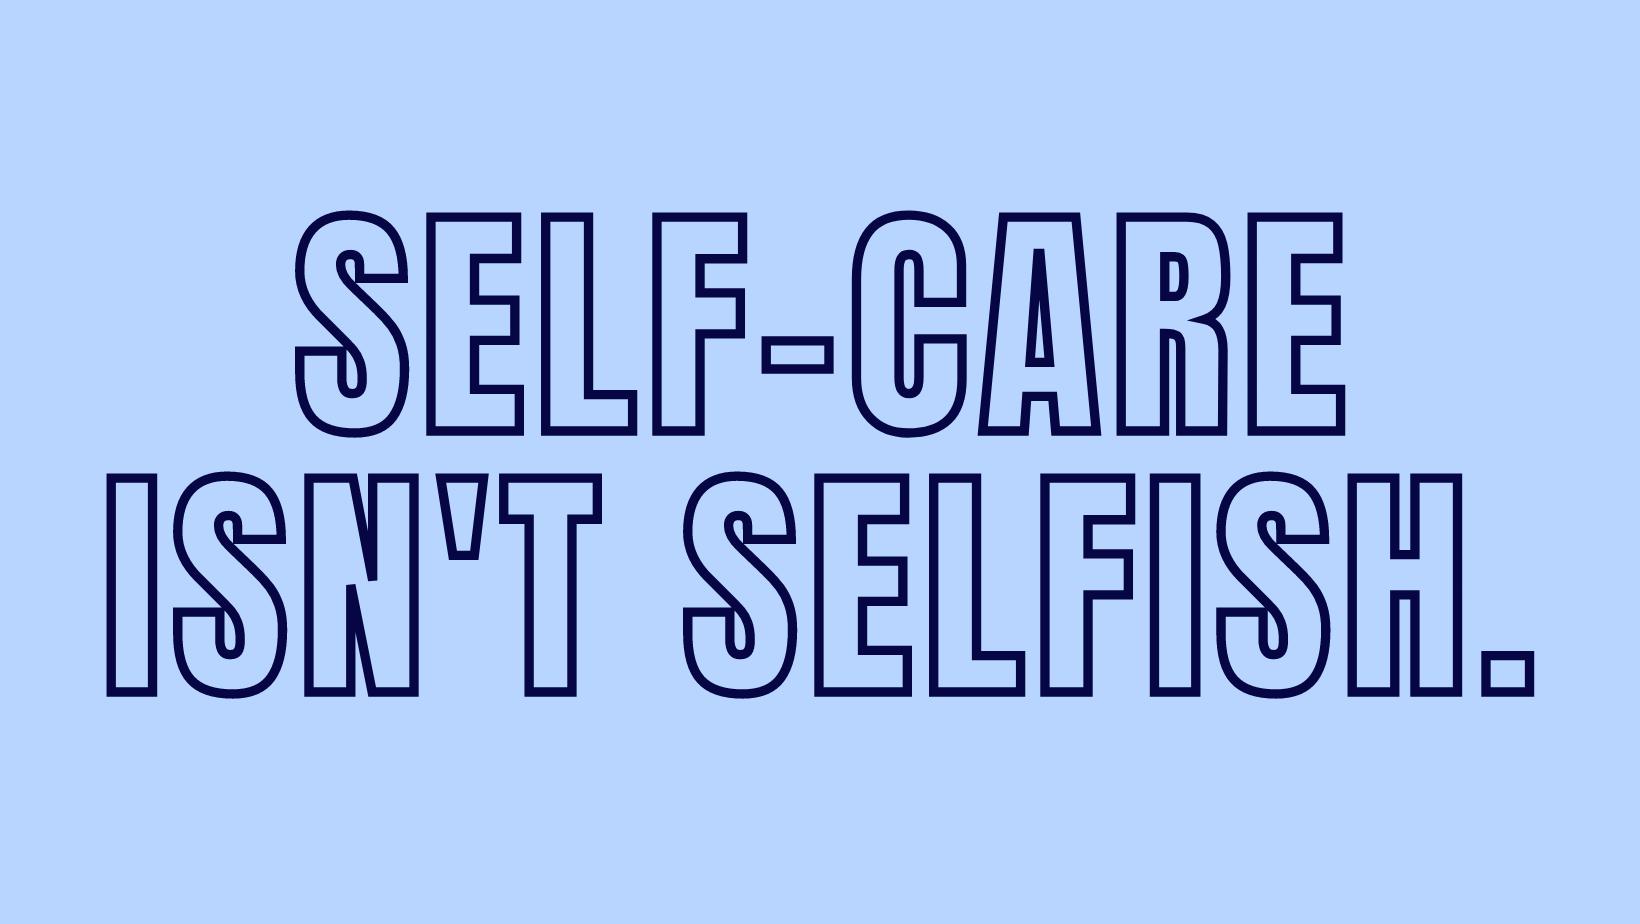 """""""Self-Care isn't selfish"""" image"""